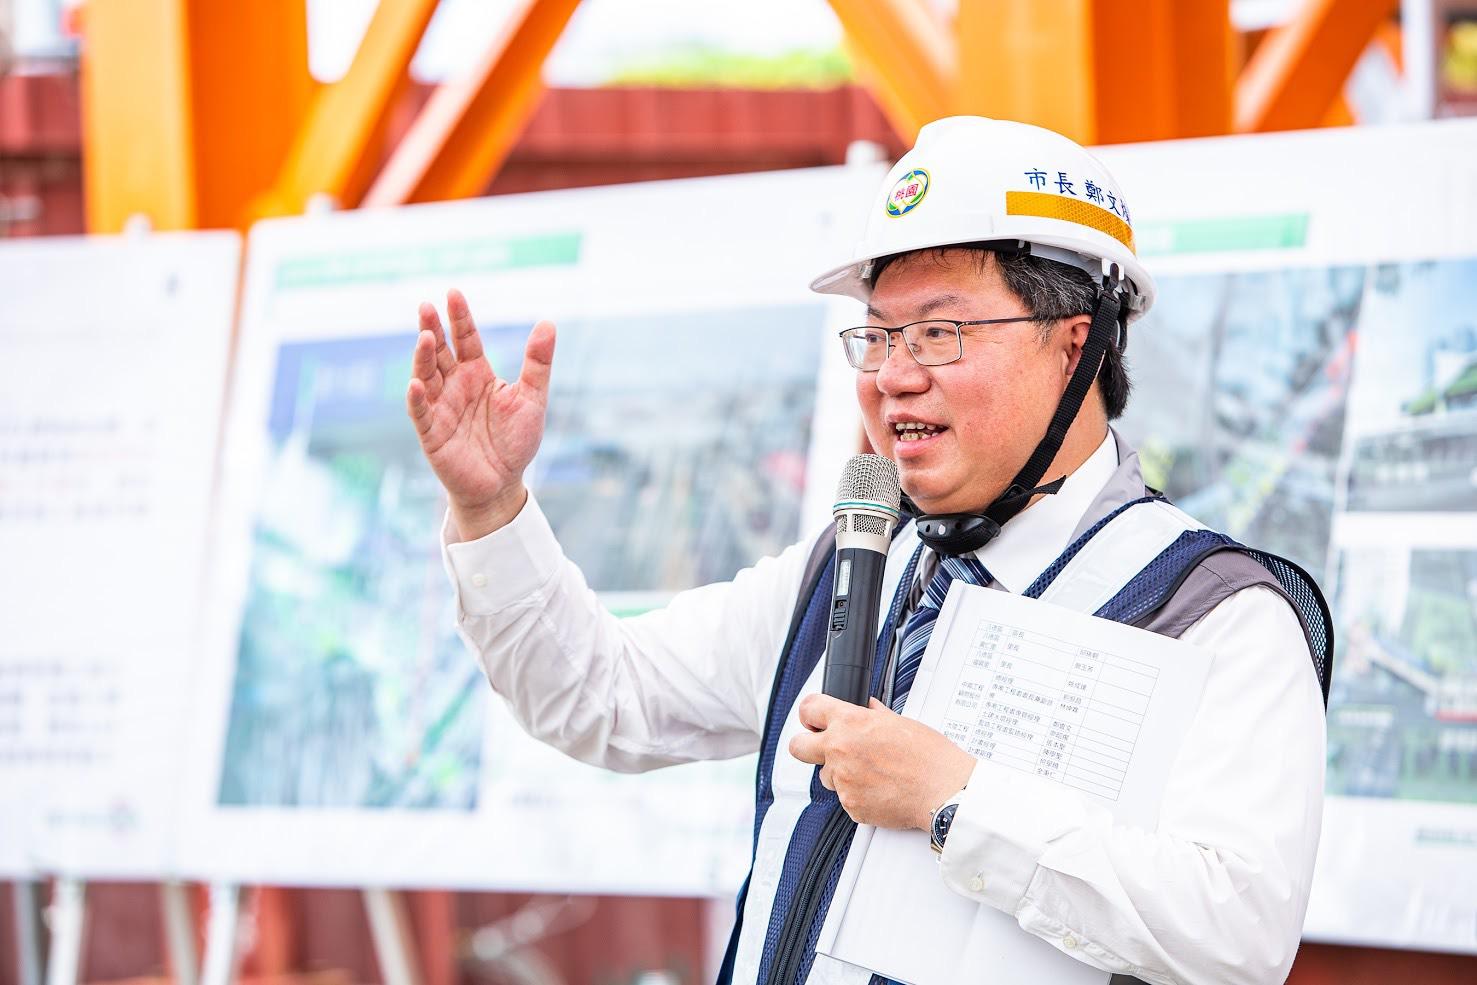 鄭文燦市長說明桃園捷運綠線施工概況